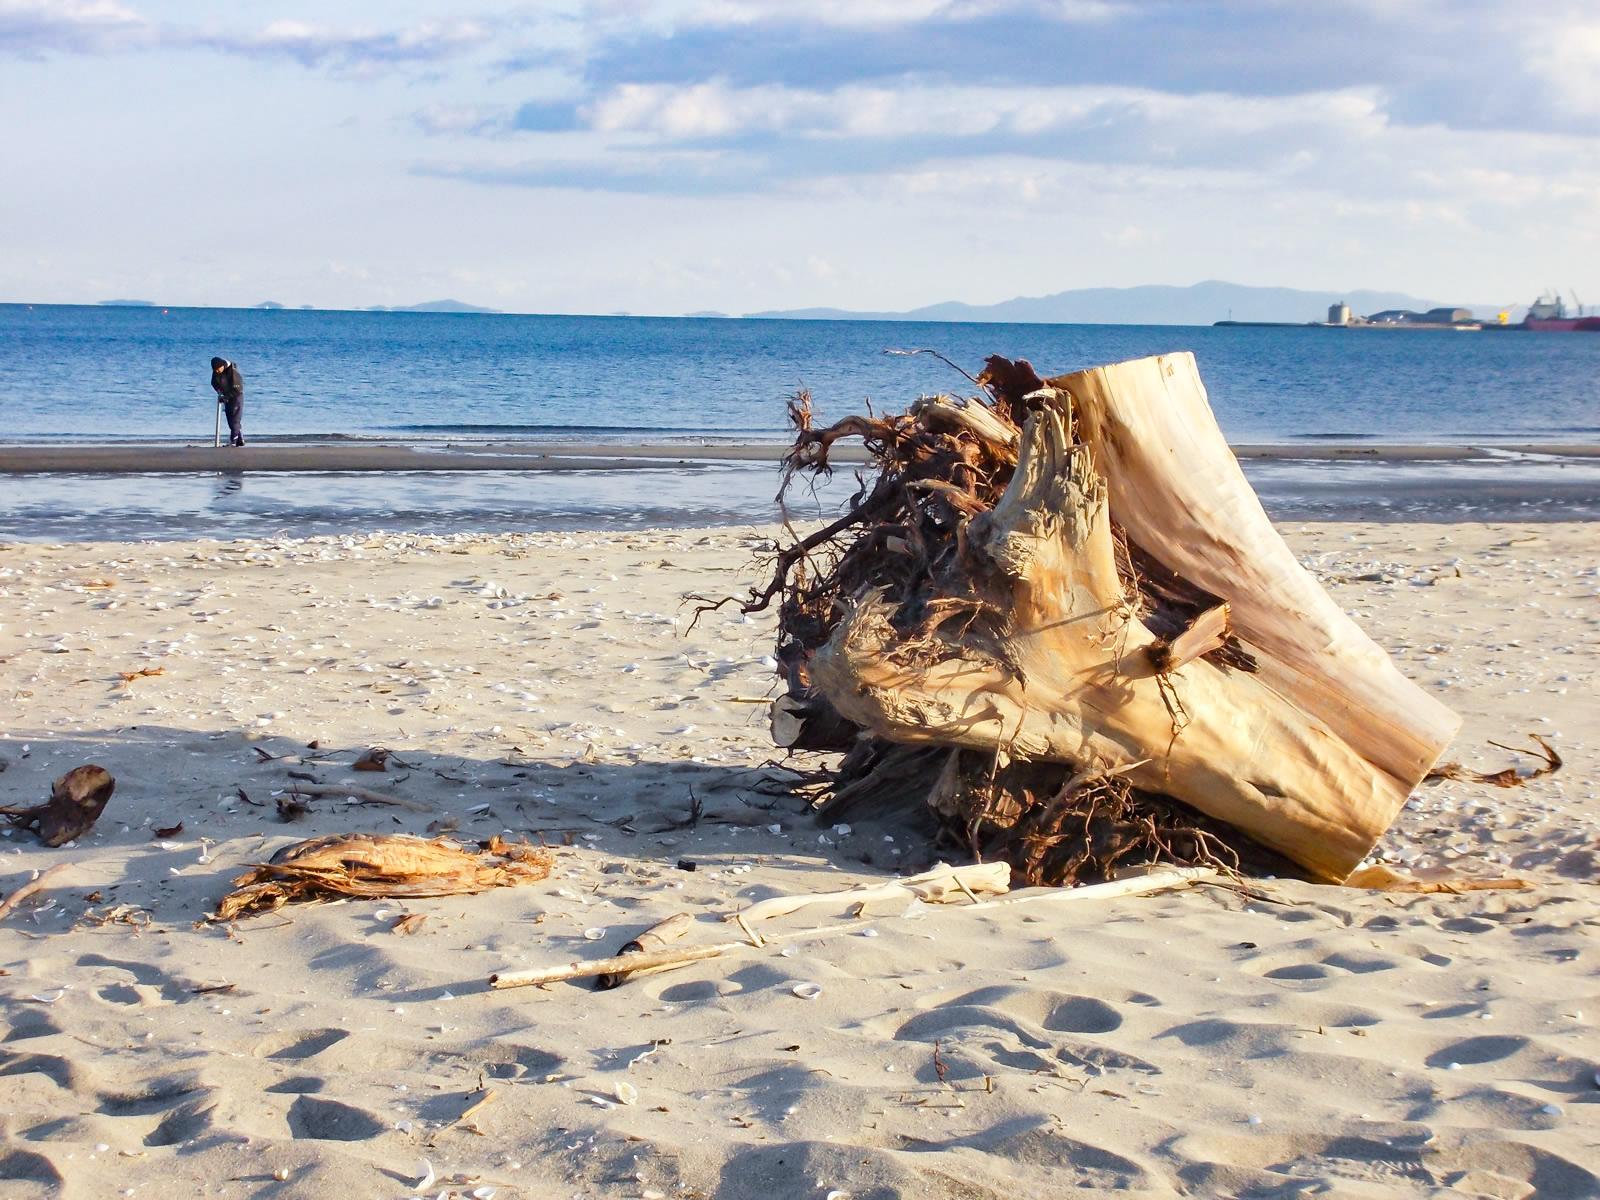 流木と波打ち際を歩く人の写真